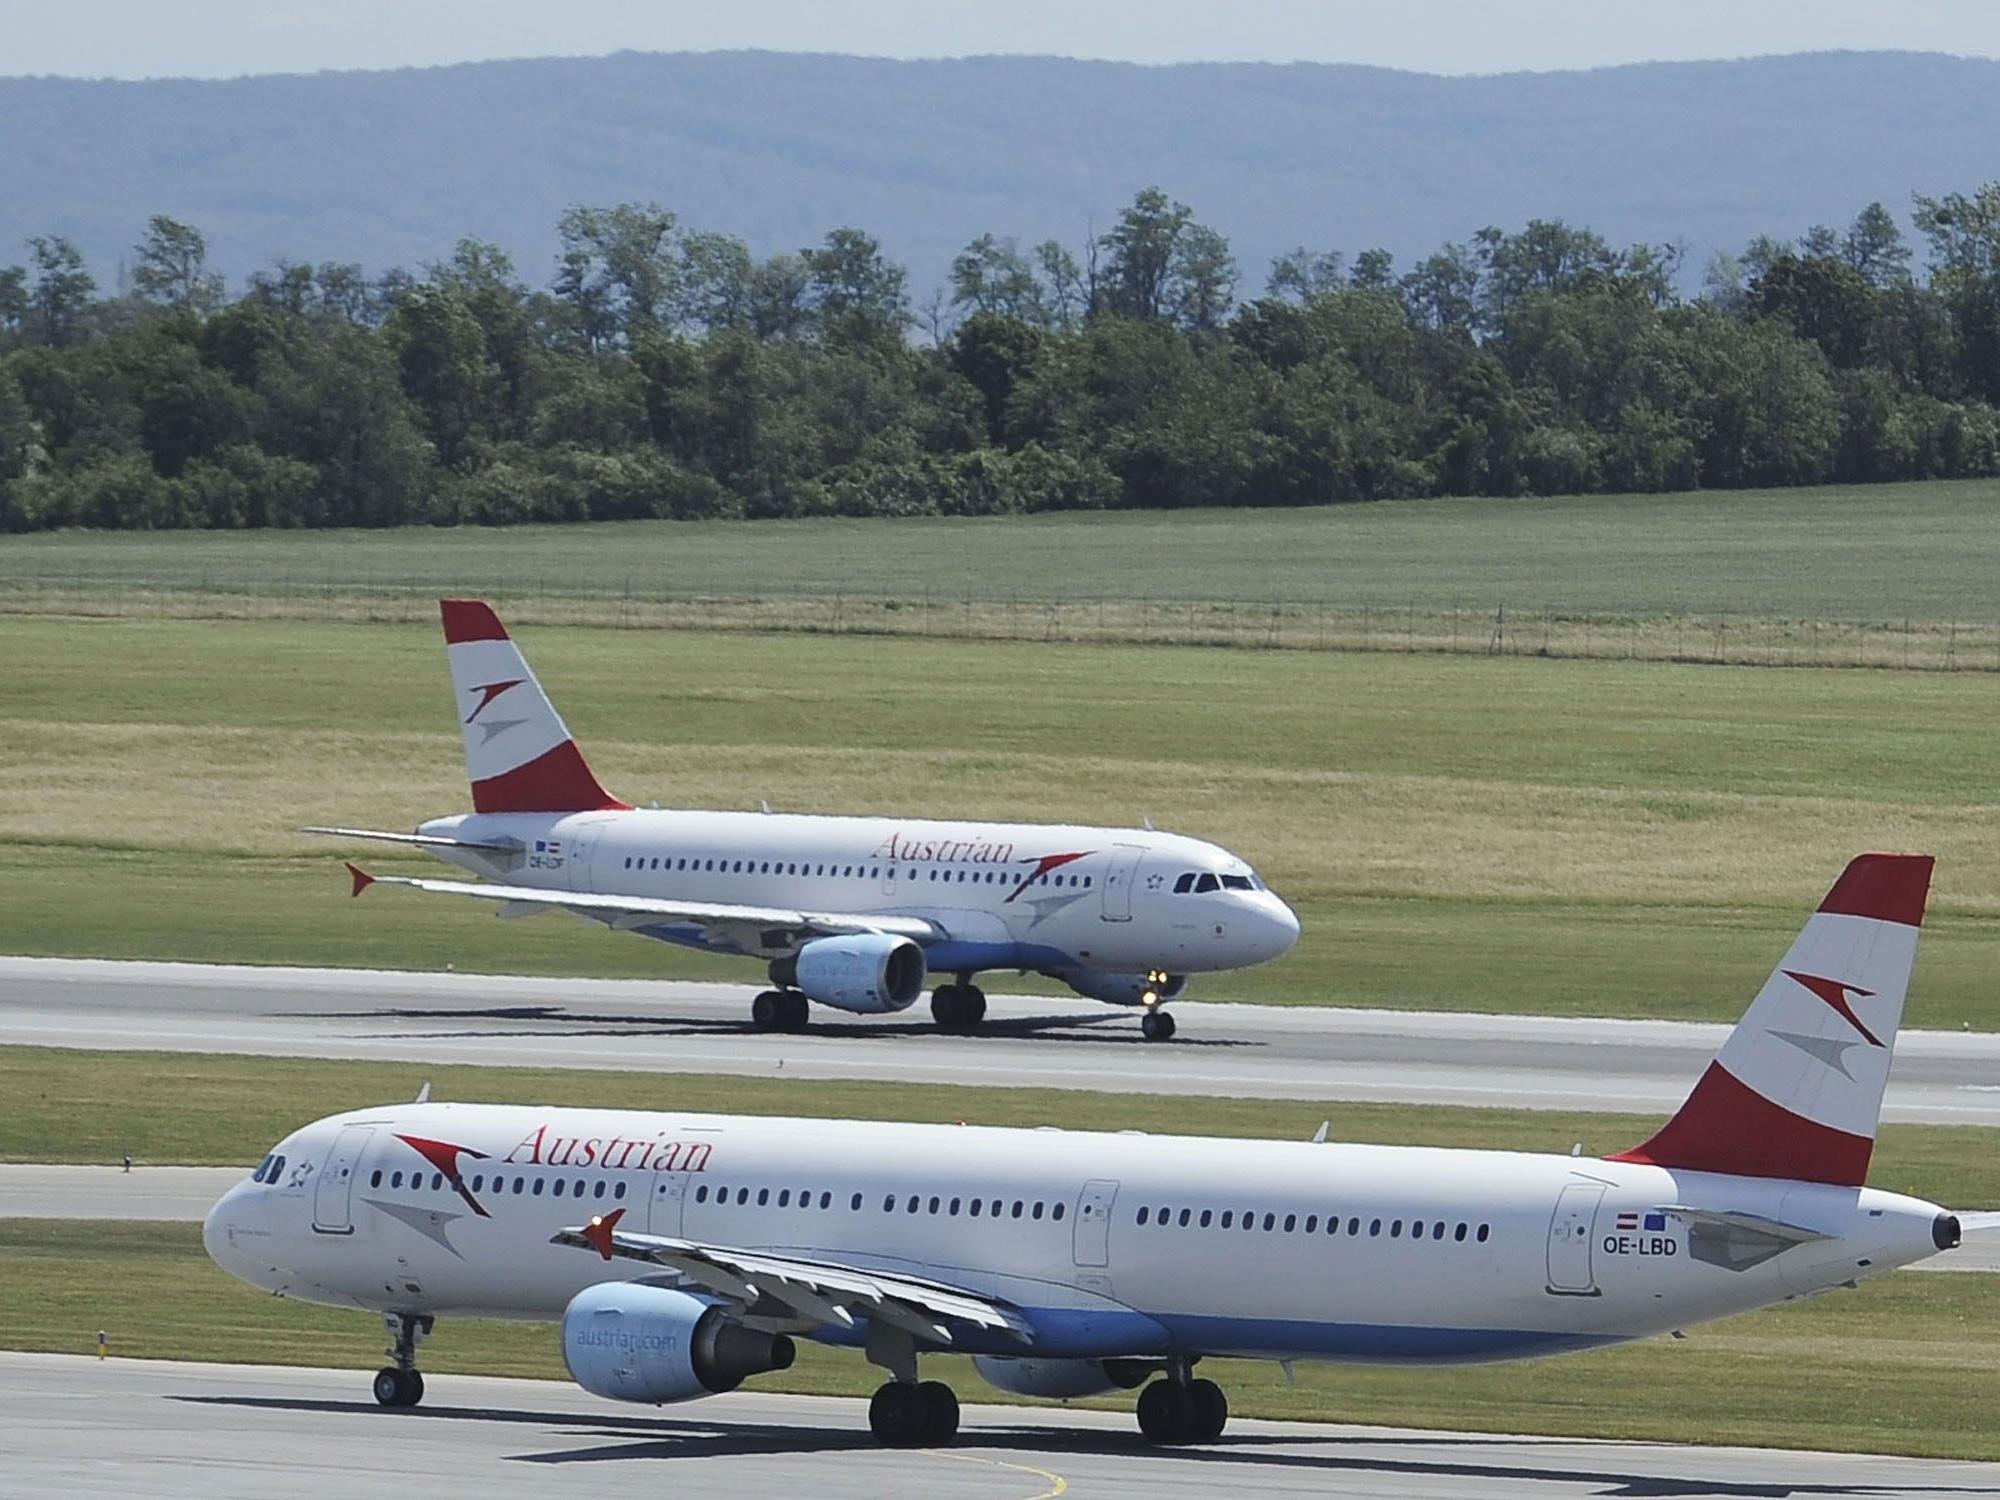 Die von den Flughafen-Betreibern geplante dritte Piste in Schwechat ist für das Bundesverwaltungsgericht nicht genehmigungsfähig